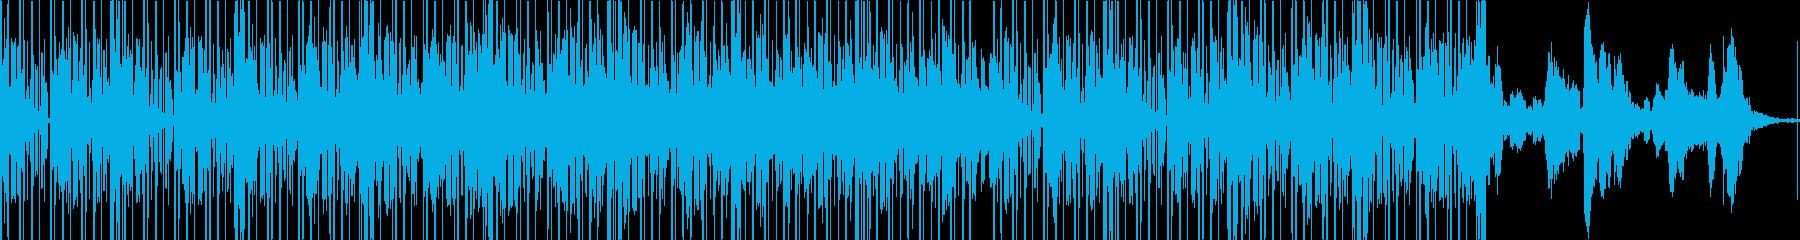 穏やかなエレクトロニカ。の再生済みの波形